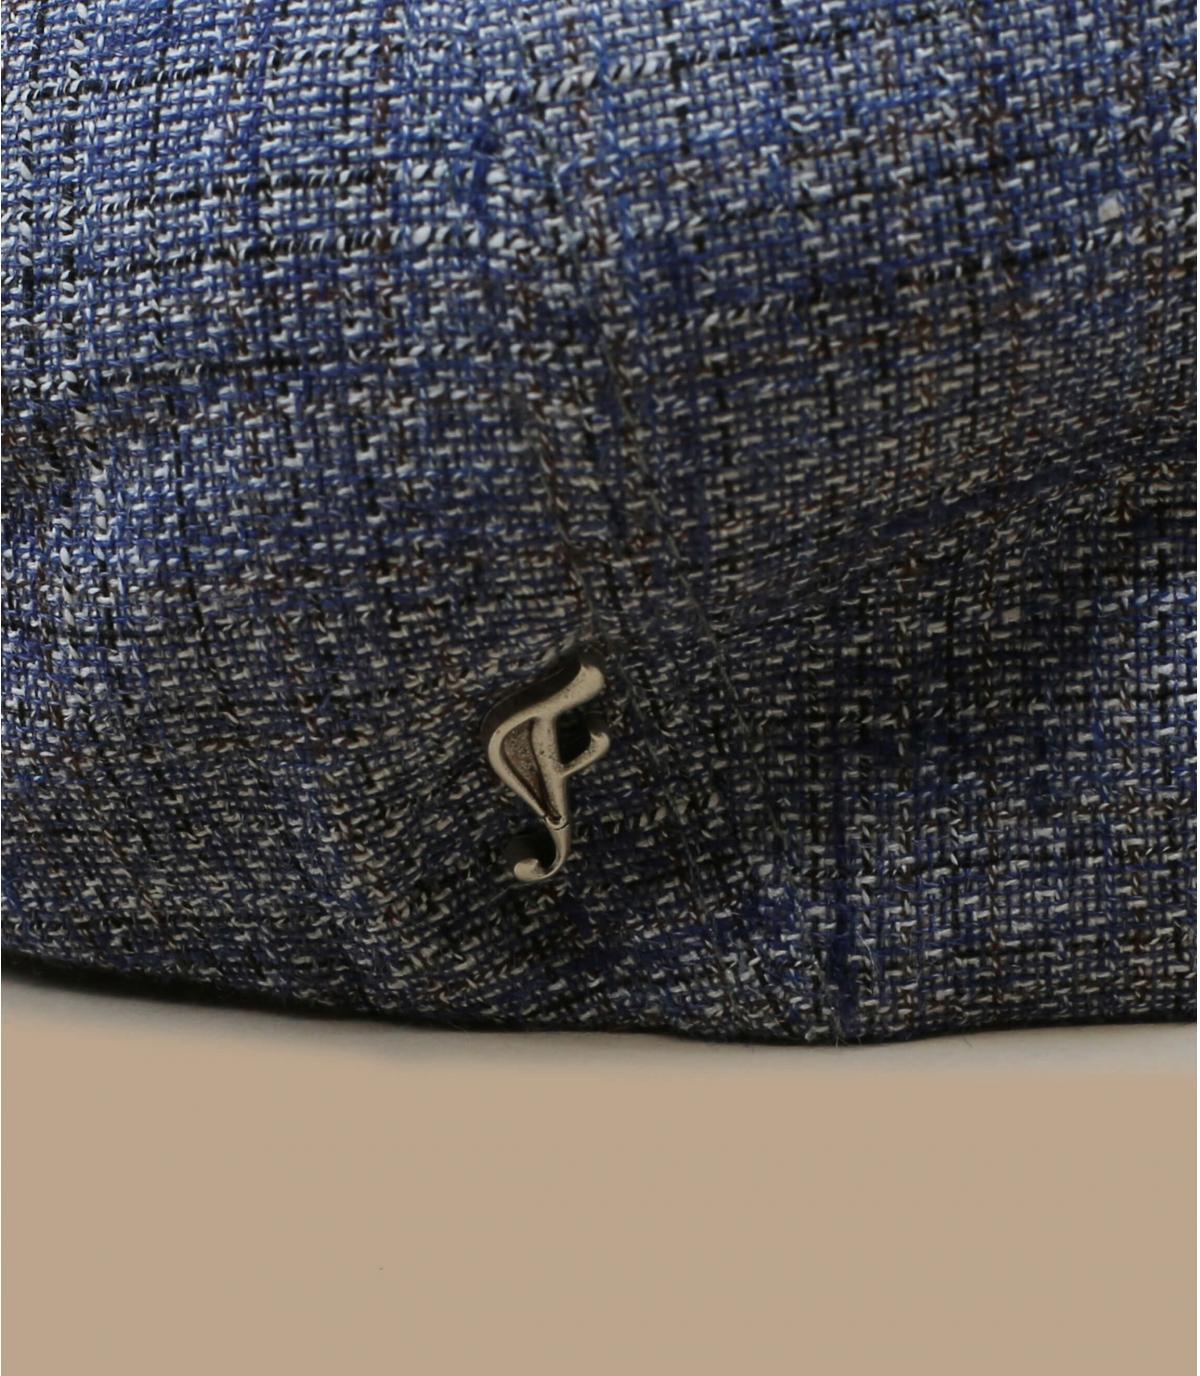 béret soie lin bleu